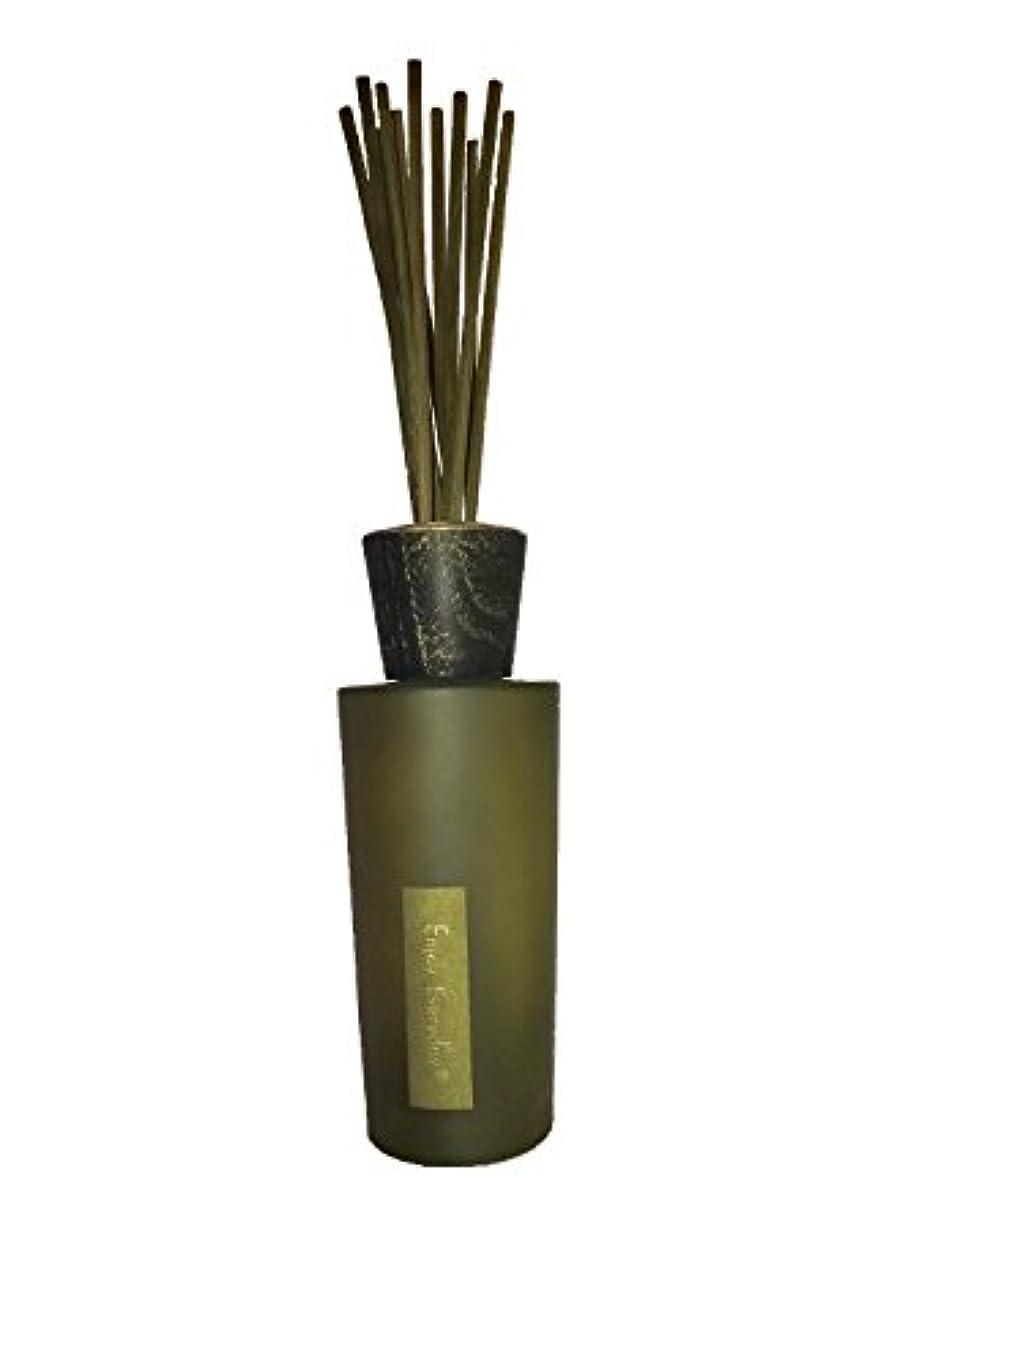 再集計免疫消費40%OFF!【Branch of Aroma】100%天然アロマスティックディフューザー-9種の香り- (200ml) (Hotジンジャー)